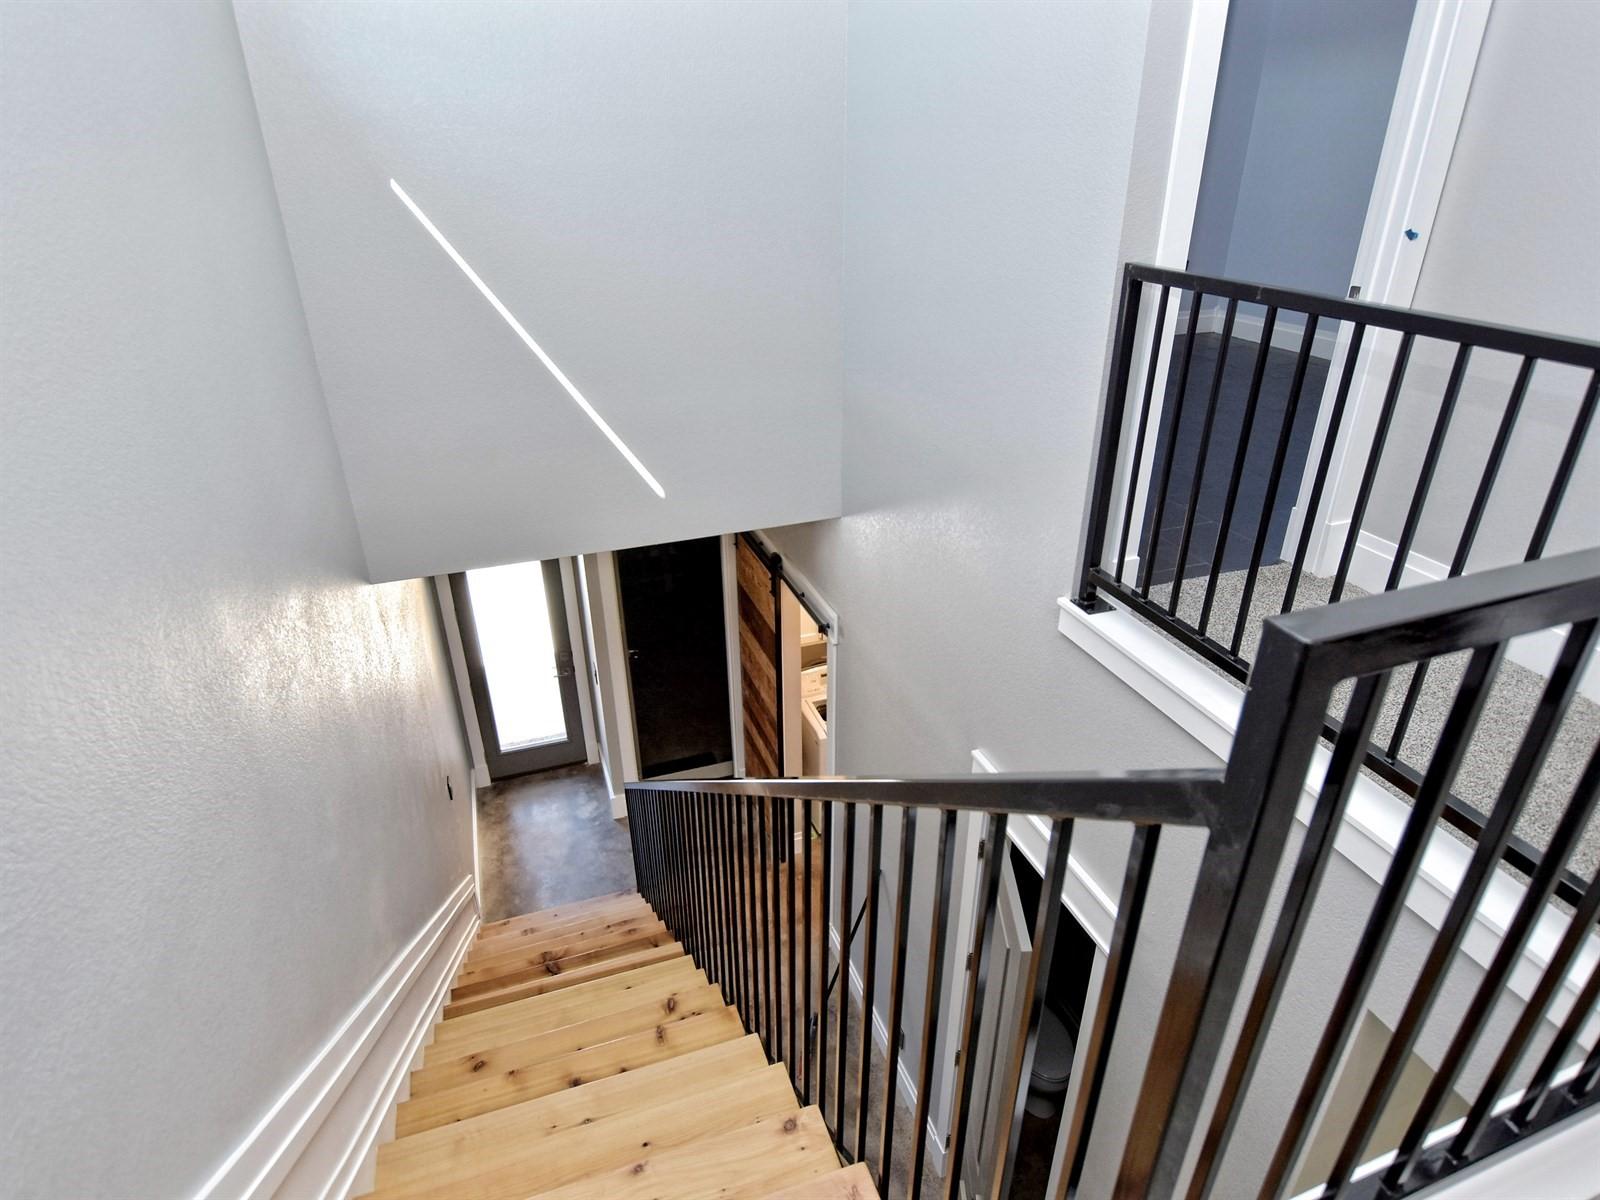 016_Stairs.jpg